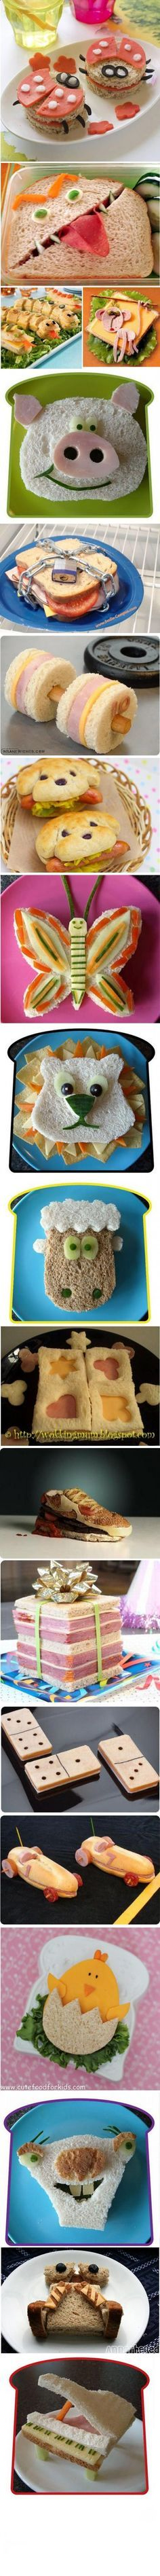 Découvrez 18 manières de préparer un sandwich.Des idées de sandwichs originaux, des sandwichs représentants n'importe quel objet ou animal.